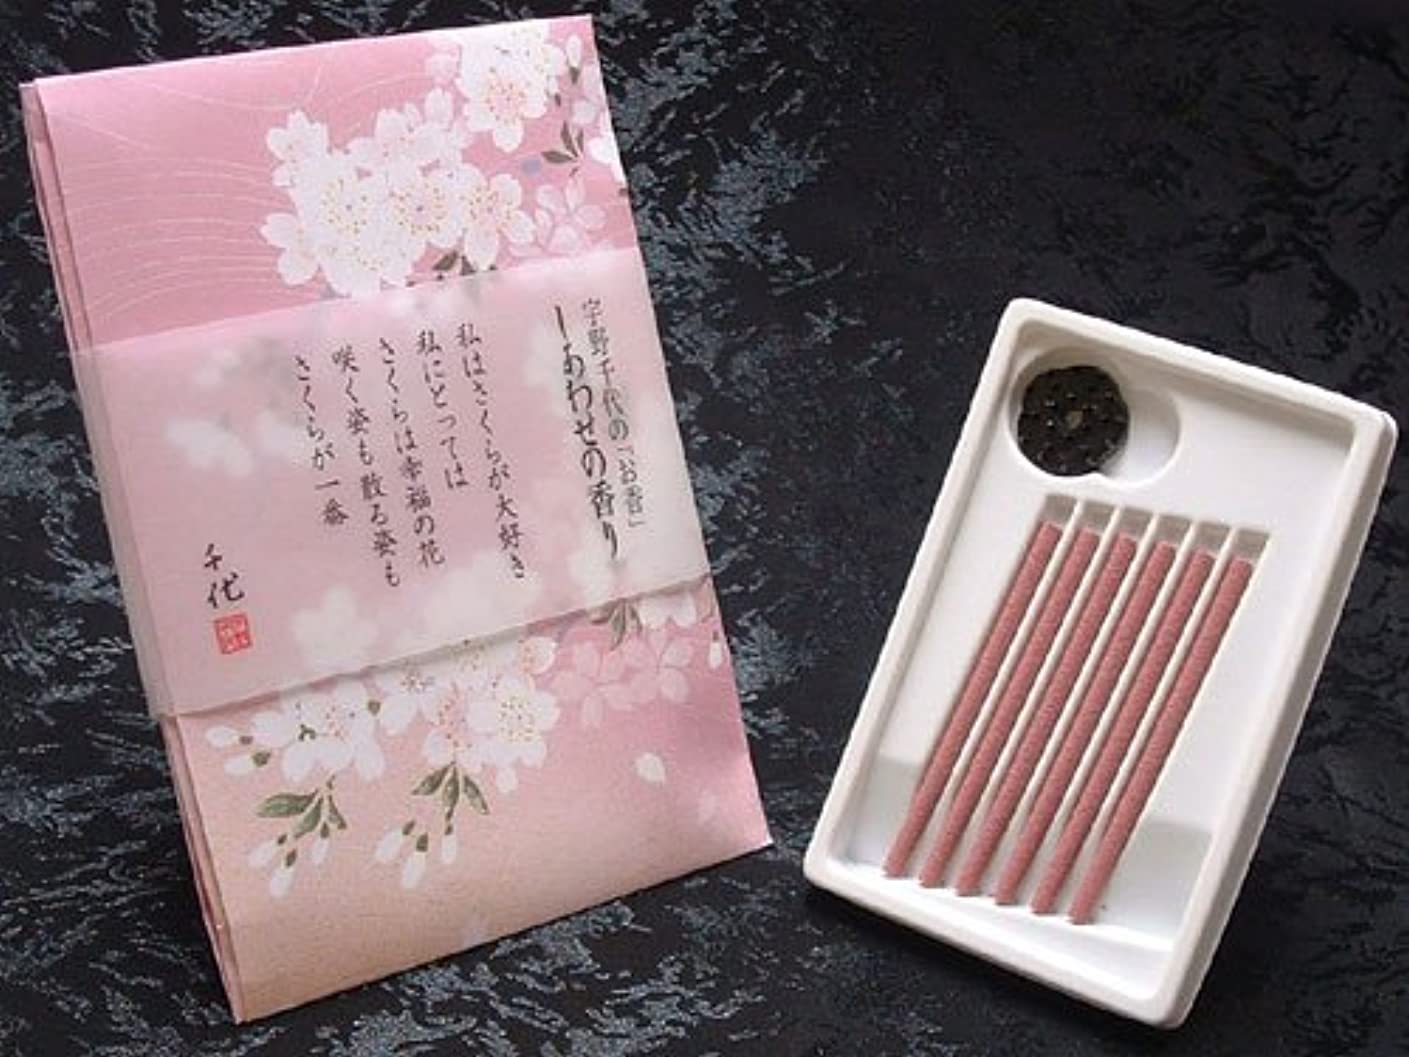 多様な正午狭い日本香堂のお香 宇野千代 しあわせの香り スティック6本入り たとう紙